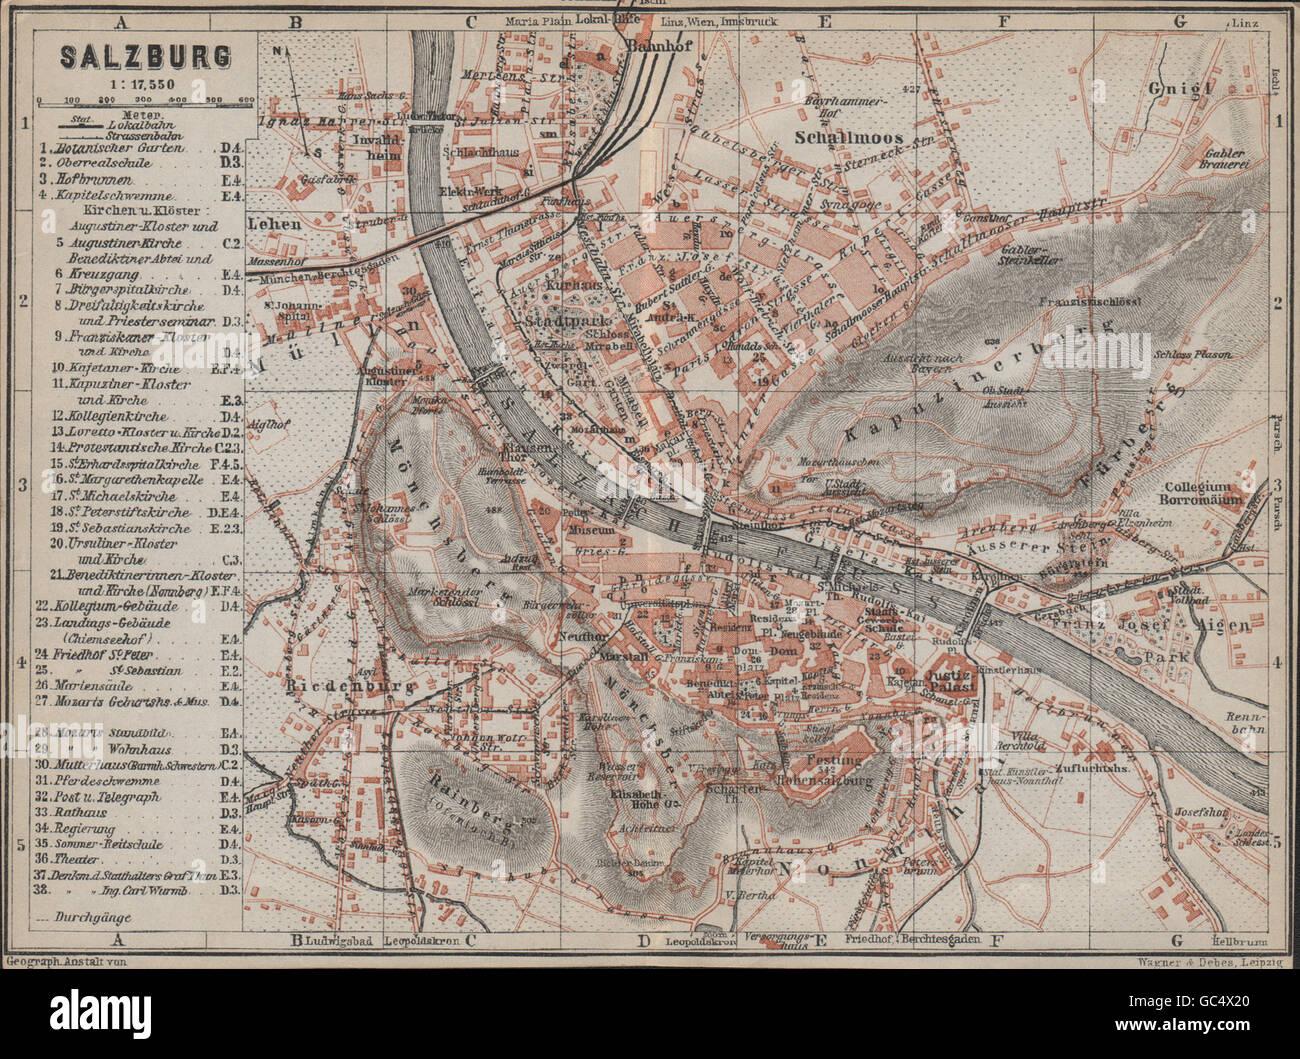 SALZBURG vintage town city plan stadtplan Austria sterreich karte